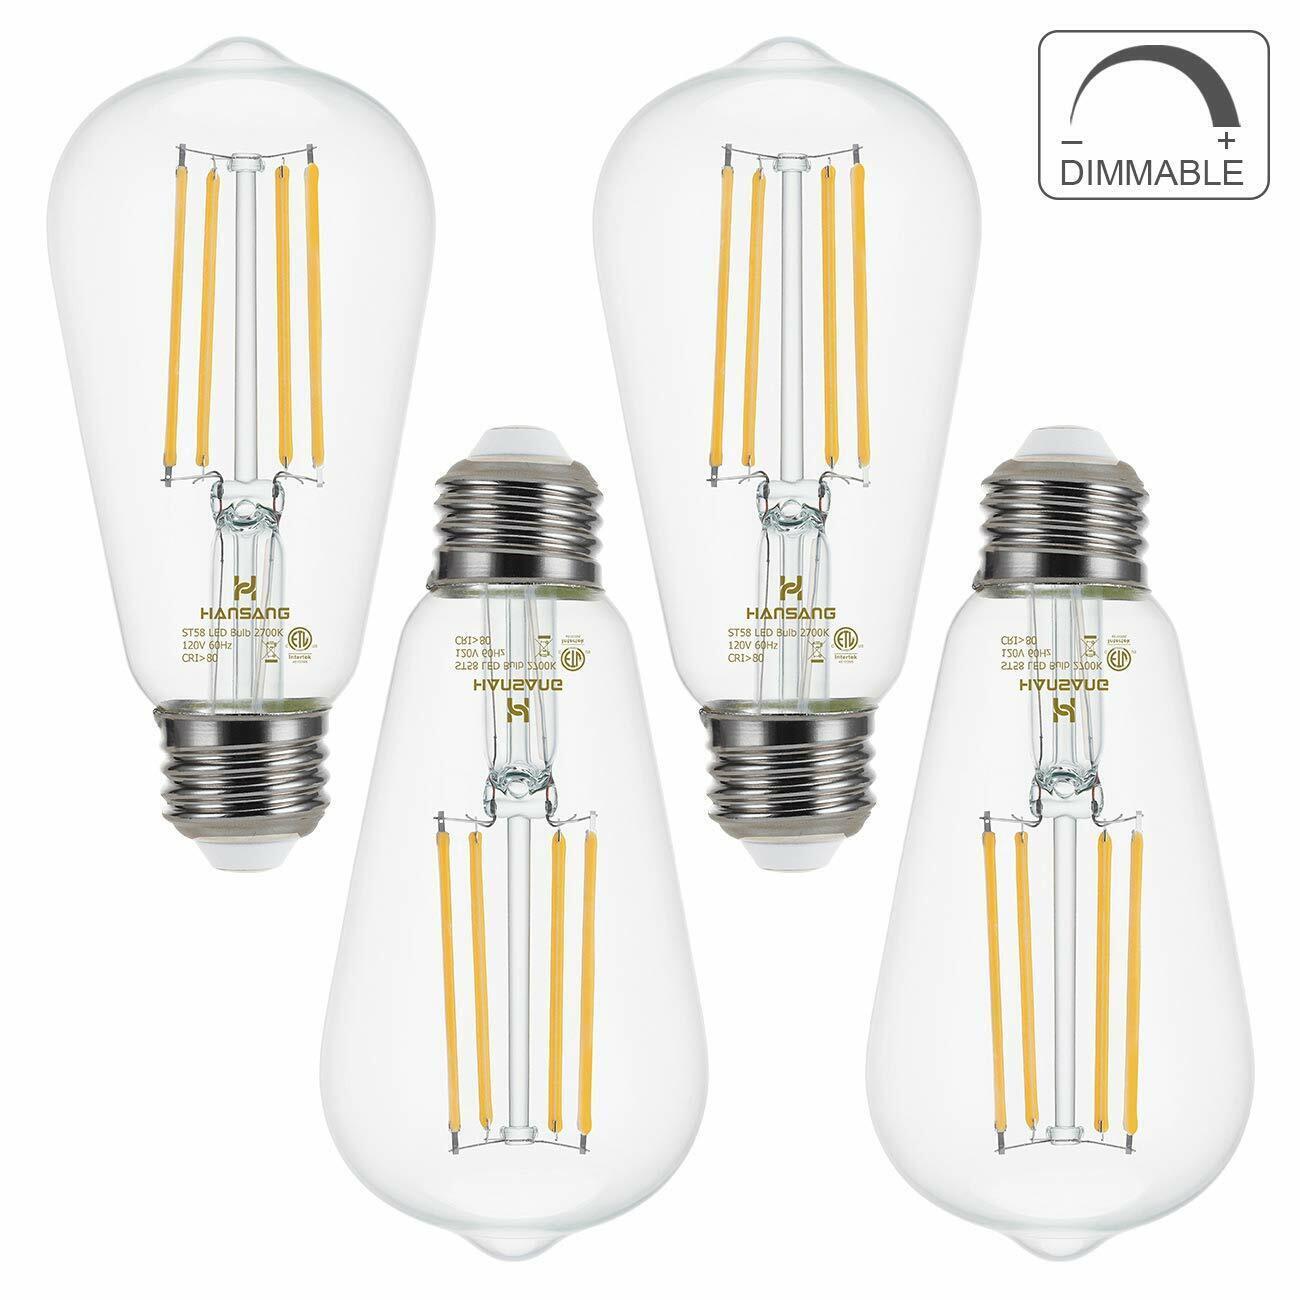 Dimmable LED Edison Bulb E26 Base 60 Watt Equivalent 2700K W